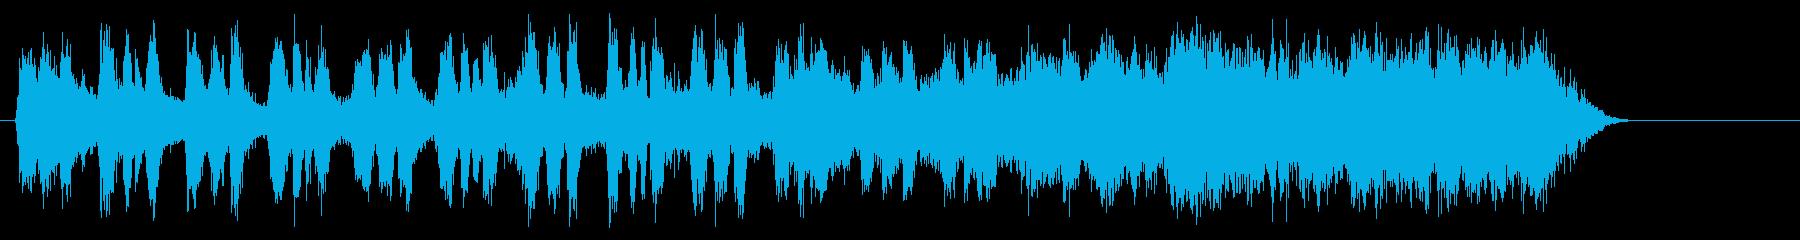 大きな兆候の再生済みの波形